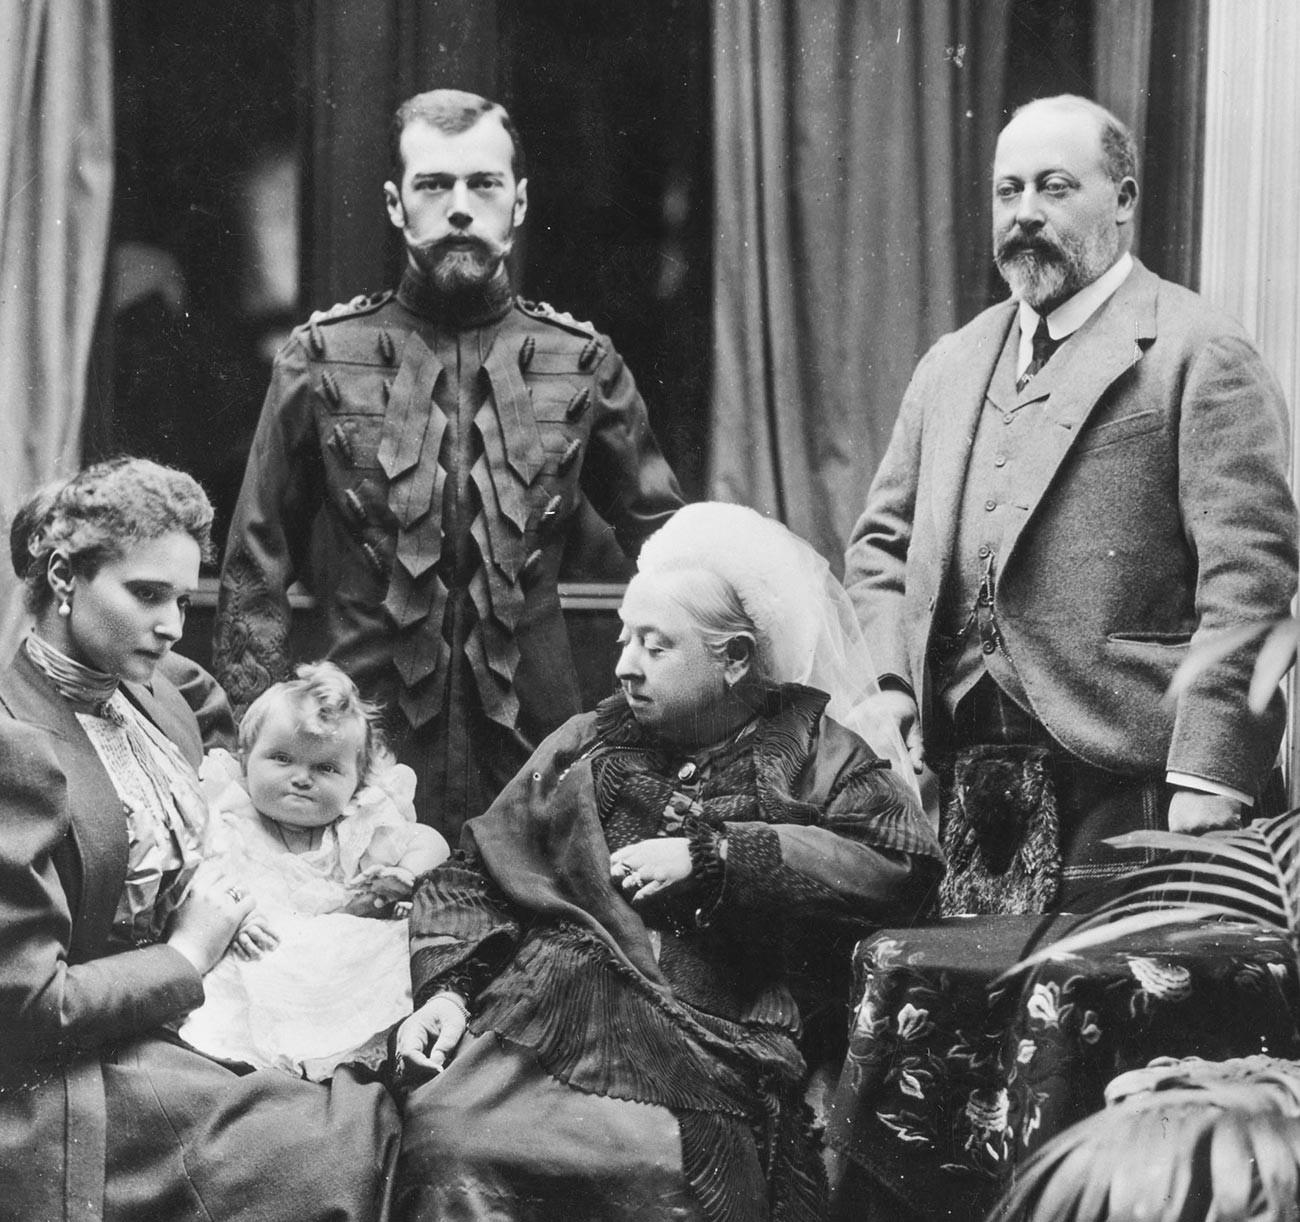 Königin Victoria und ihr Sohn Prince Edward VII (r) mit dem russischen Kaiser Nicholas II, seiner Frau Alexandra und ihrer neugeborenen Tochter Olga.